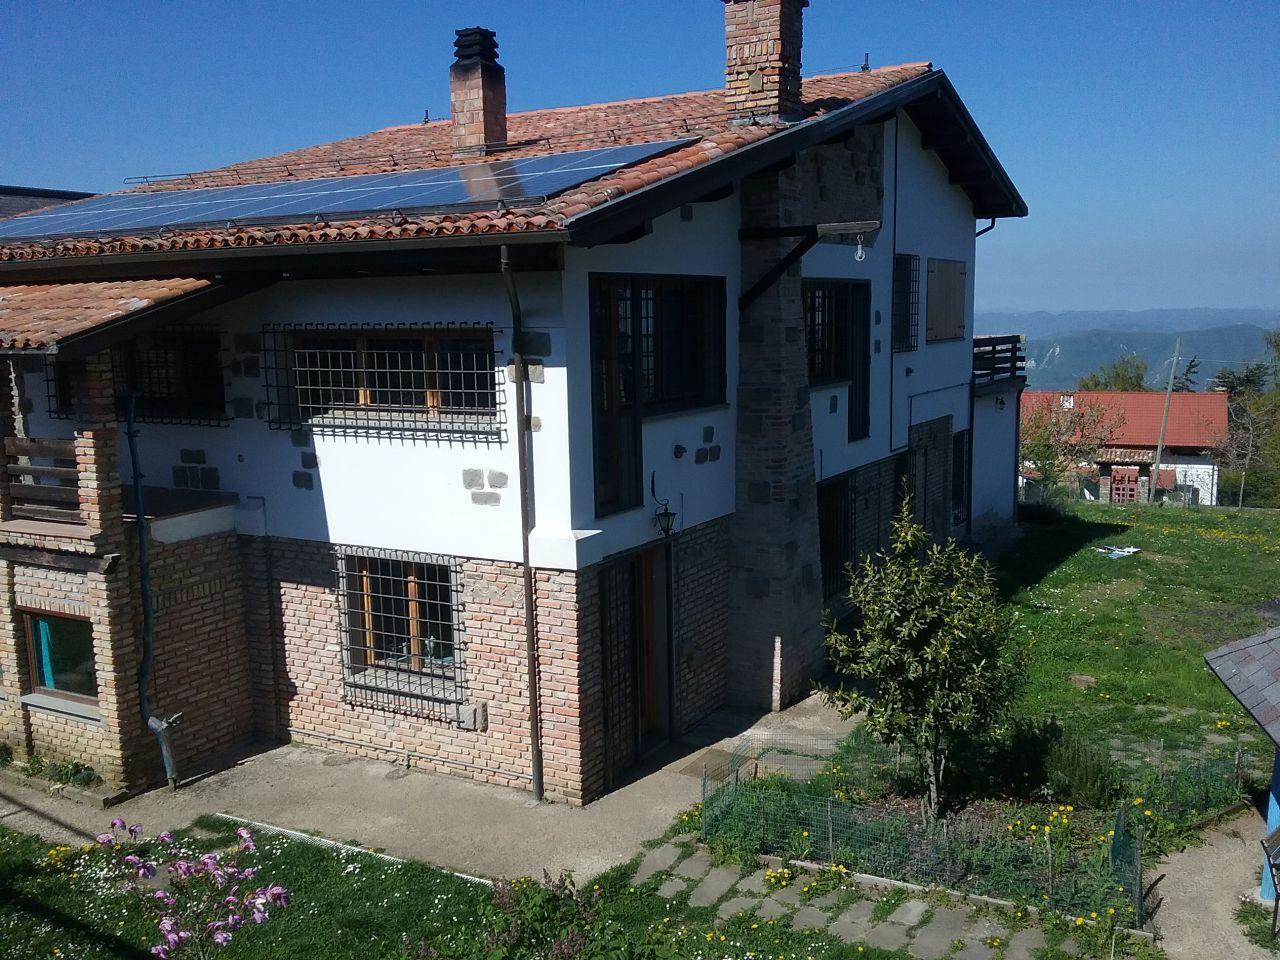 Rustico / Casale in vendita a Monzuno, 14 locali, prezzo € 830.000 | CambioCasa.it